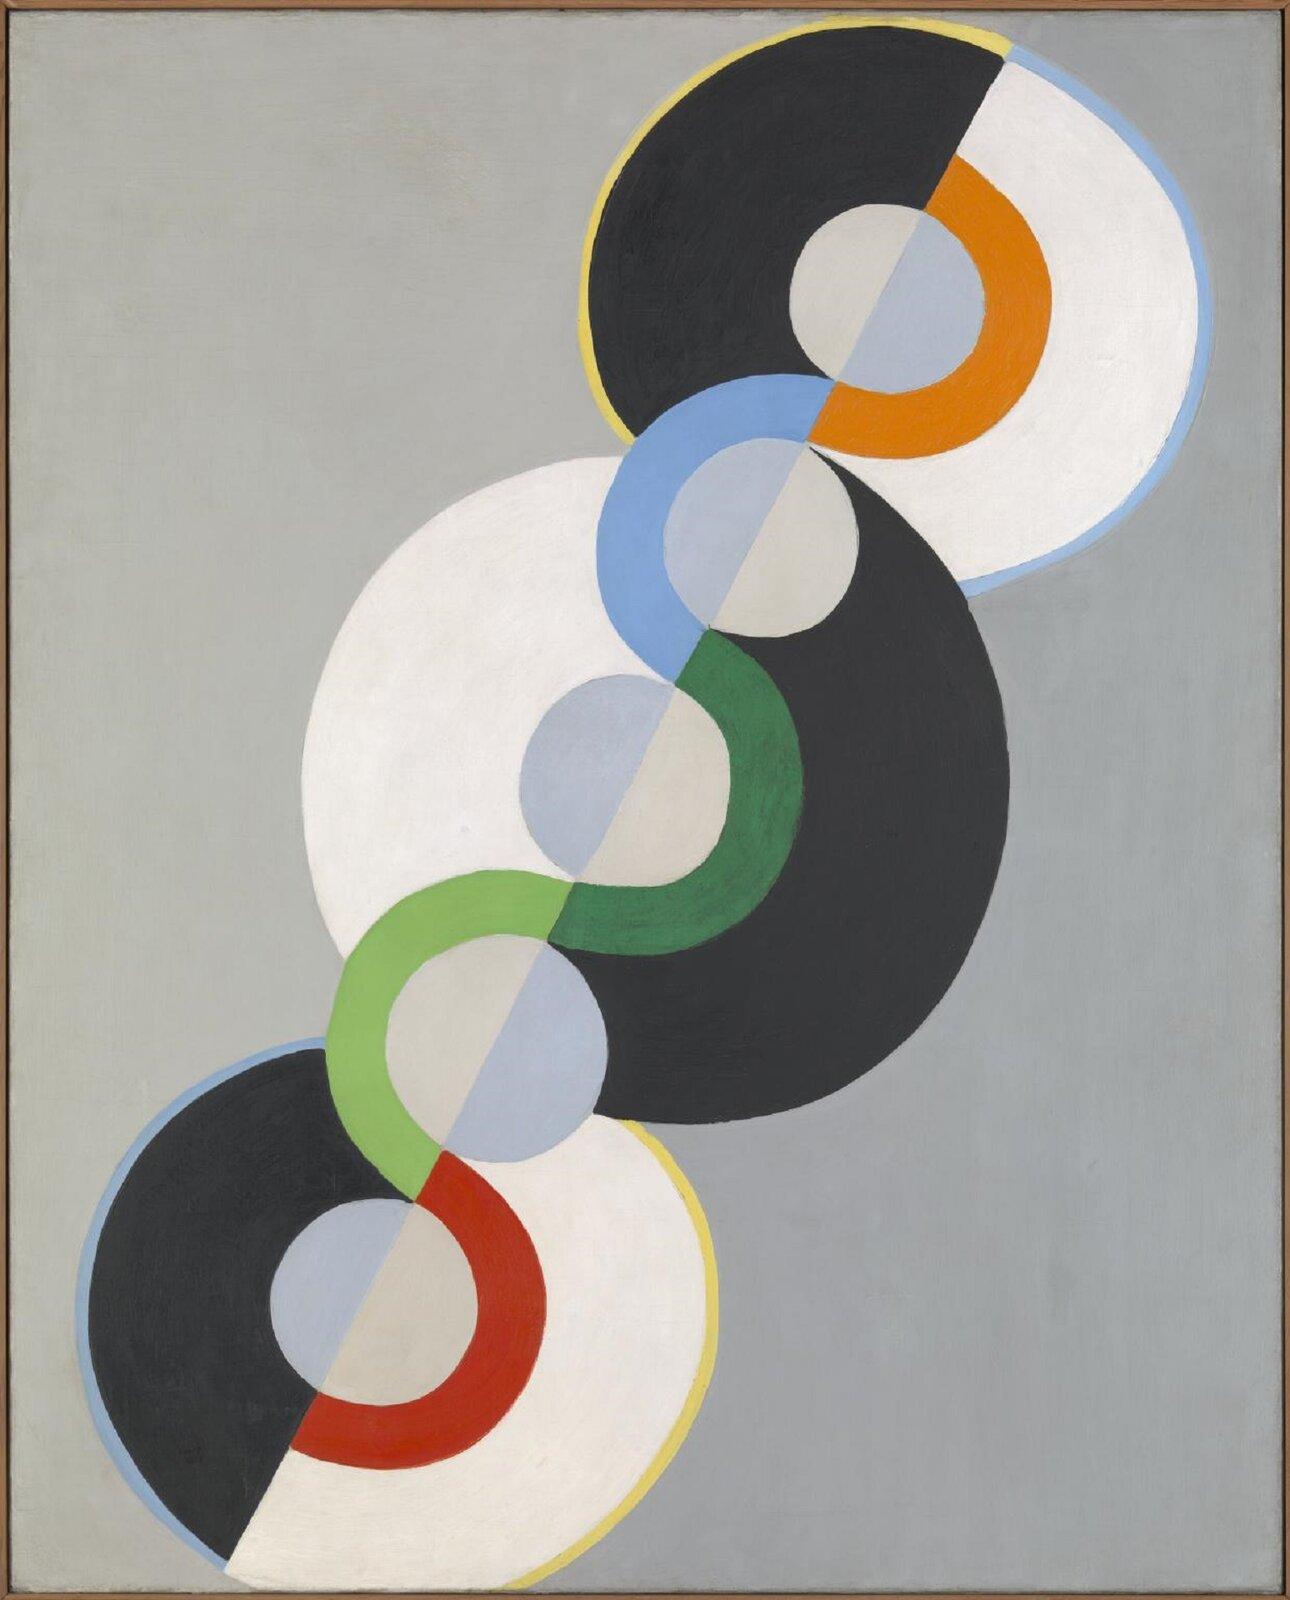 """Ilustracja przedstawia obraz """"Nieskończony Rytm"""" autorstwa Roberta Delaunaya. Wcentrum dzieła, na szarym tle namalowana została kompozycja składająca się ztrzech, ułożonych po skosie, czarno-białych, dużych kół, na których tle znajdują się mniejsze, pomalowane szarą ijasno-niebieską farbą kółka. Pomiędzy nimi przebiega pofalowana linia kolorowego pasa. Wszystkie elementy tworzą jeden ułożony po skosie kształt, wzdłuż którego przebiega skośna linia podziału, dzieląca kształt na dwie, równe części odróżniające się od siebie jedynie kolorami. Lewe połowy dużych górnych idolnych kół są czarne, natomiast prawe są białe. Środkowe koło na odmianę ma białą lewą połowę aprawą czarną. Trzy małe kółka mają jasno-niebieskie lewe połowy aprawe szare, natomiast dwa pozostałe kółka po lewej są szare apo prawej jasno-niebieskie. Obraz skomponowany jest dynamicznie po skosie. Wrażenie ruchu potęguje umieszczona wcentrum kompozycji gruba, falująca, pomarańczowo-niebiesko-zielono-czerwona linia."""